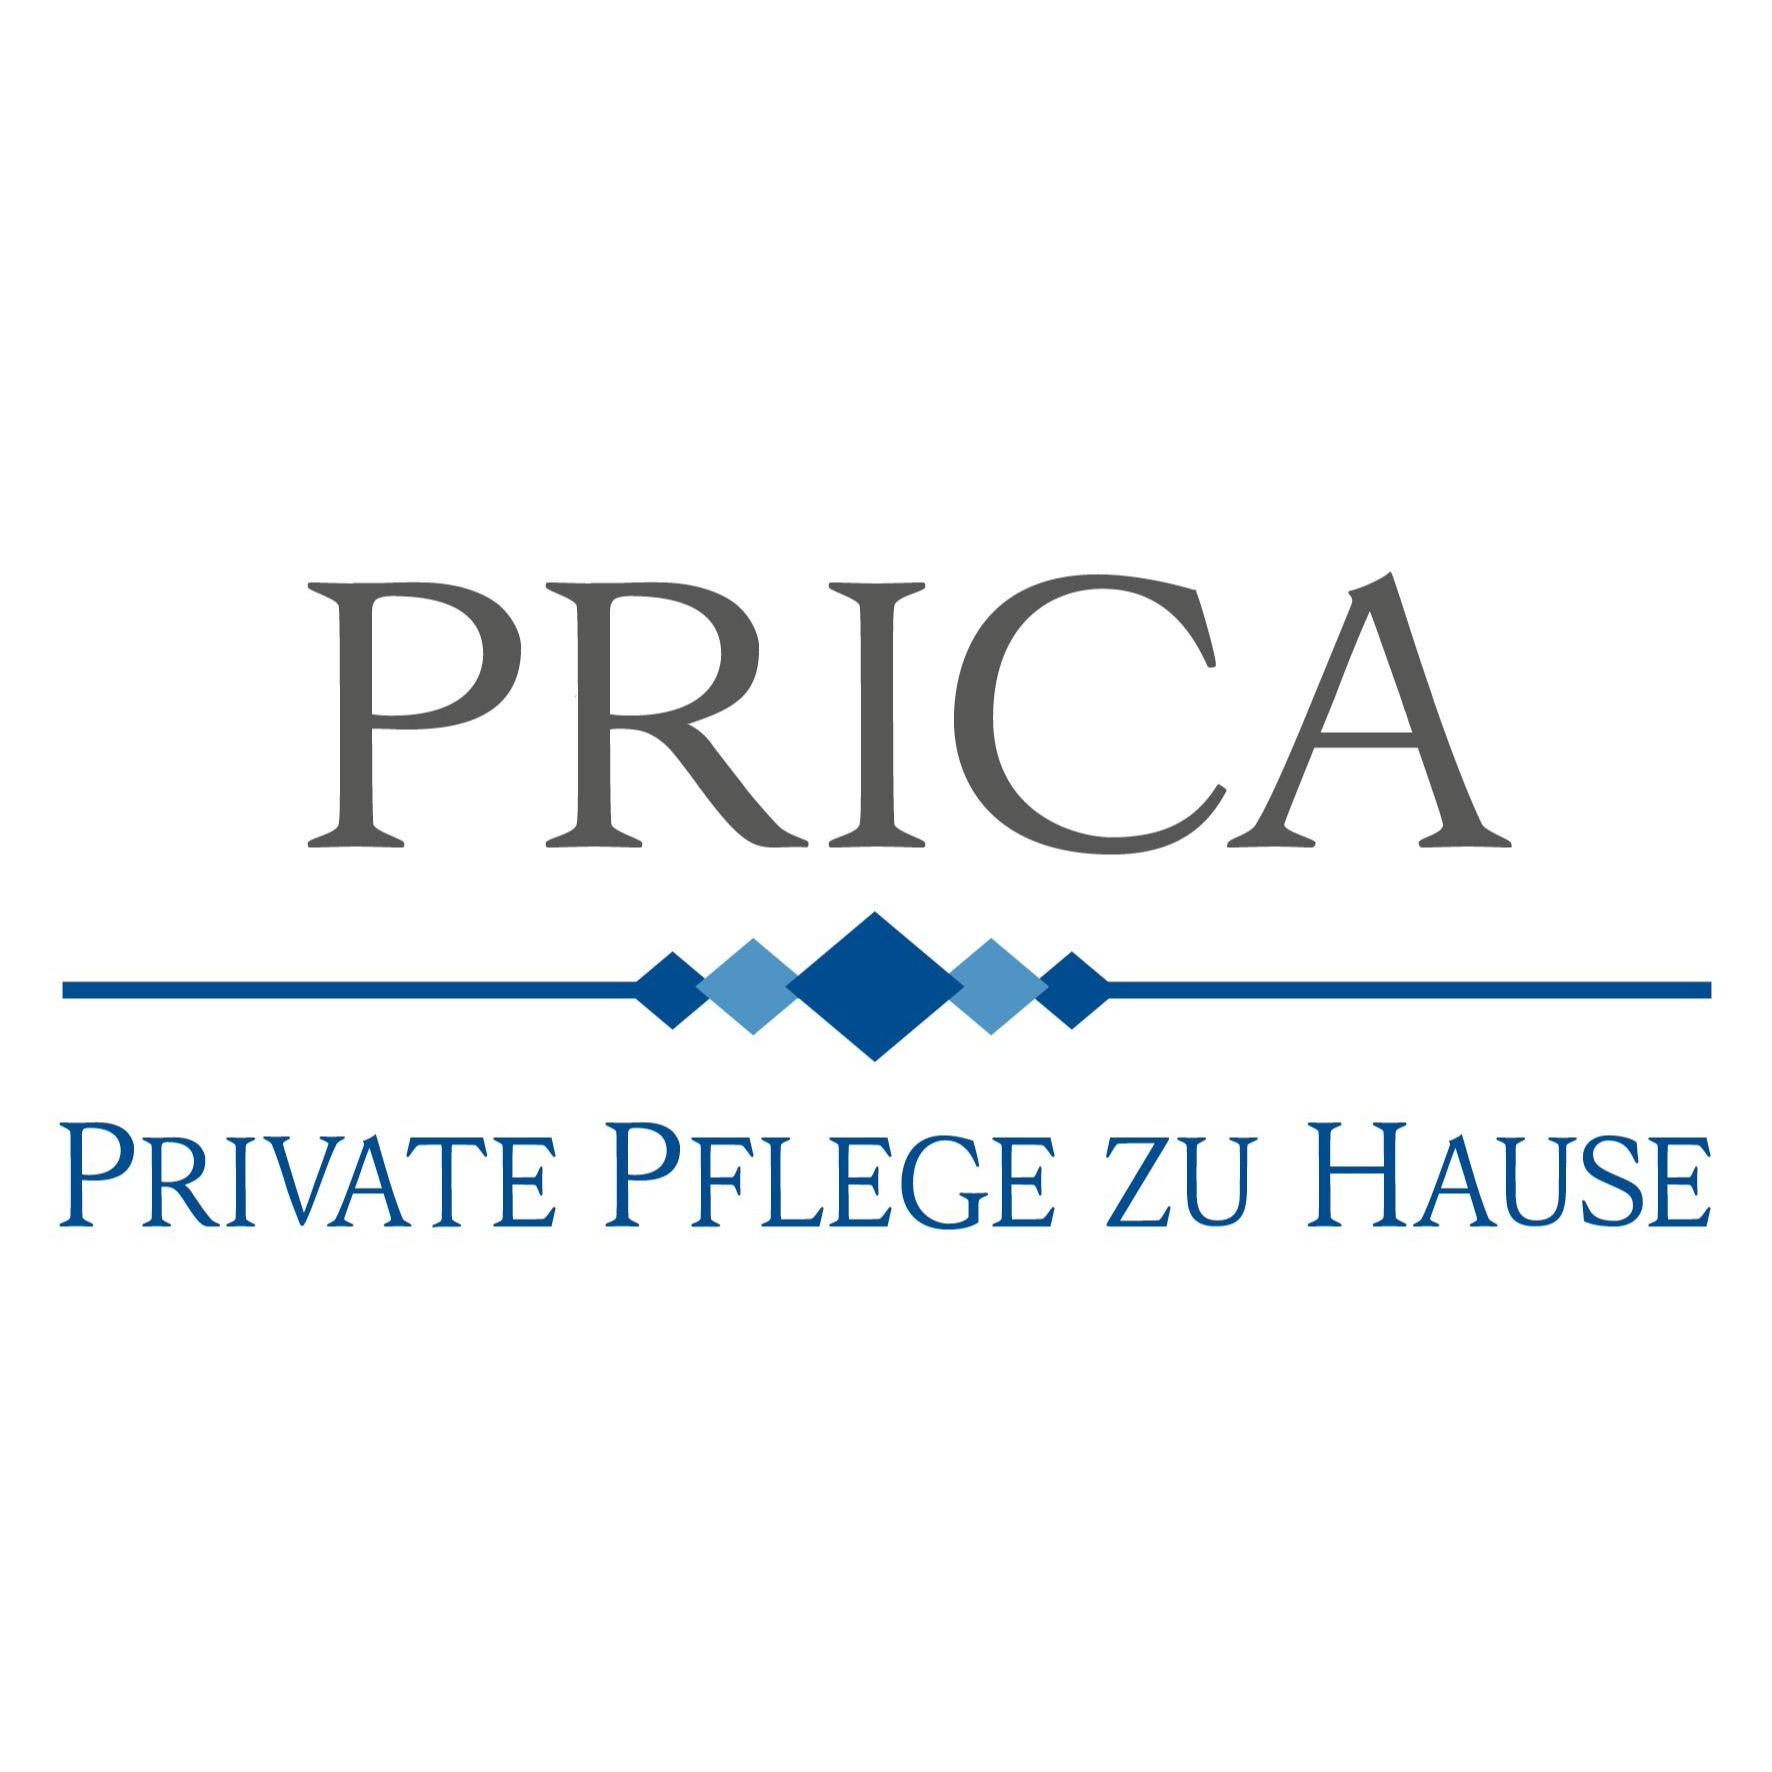 PRICA Private Pflege zu Hause